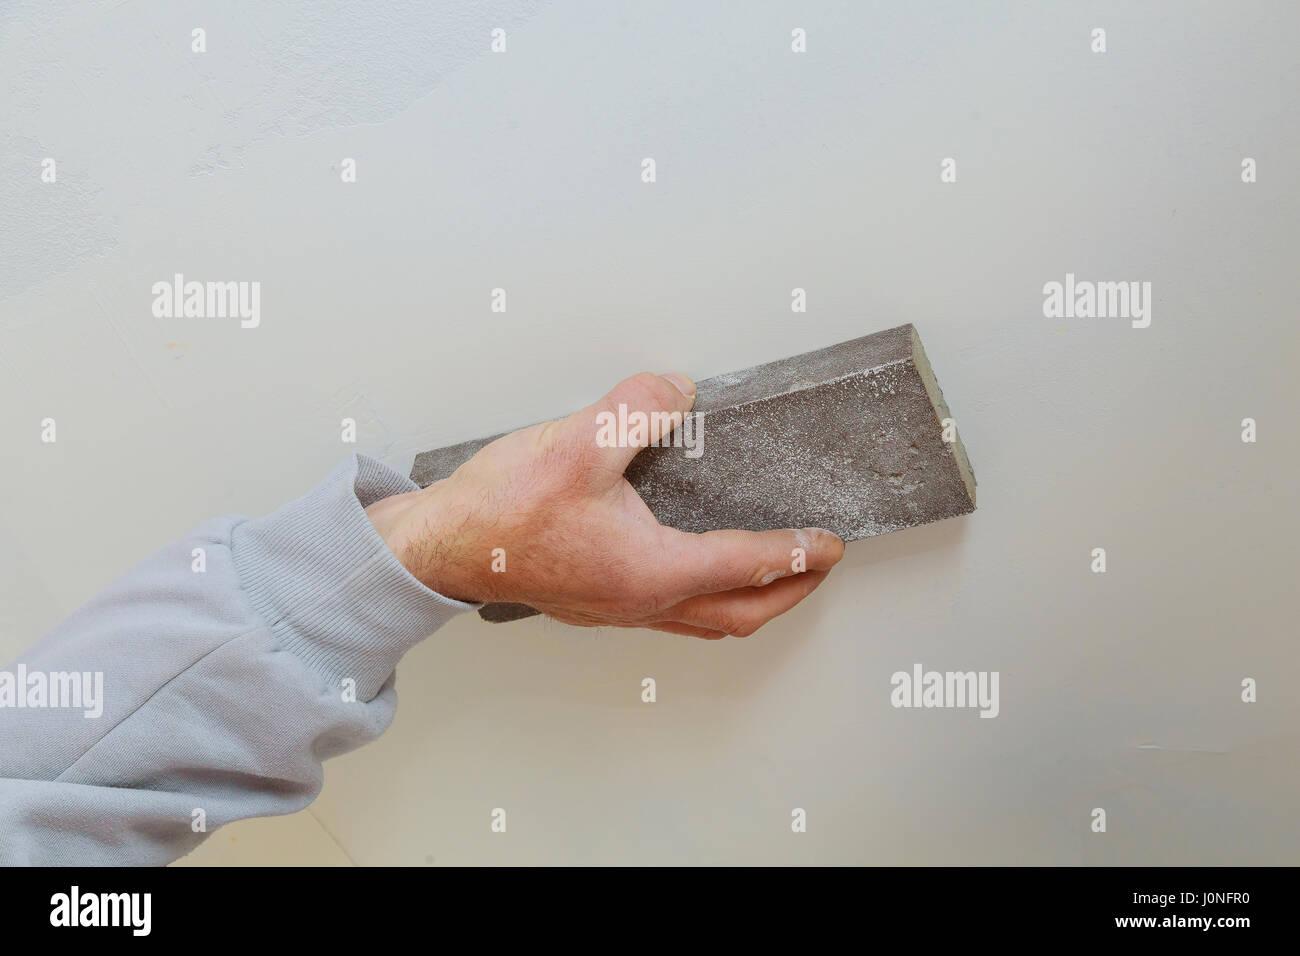 Mann Hand Schleifen Der Plaste Im Trockenbau Naht Gipskarton